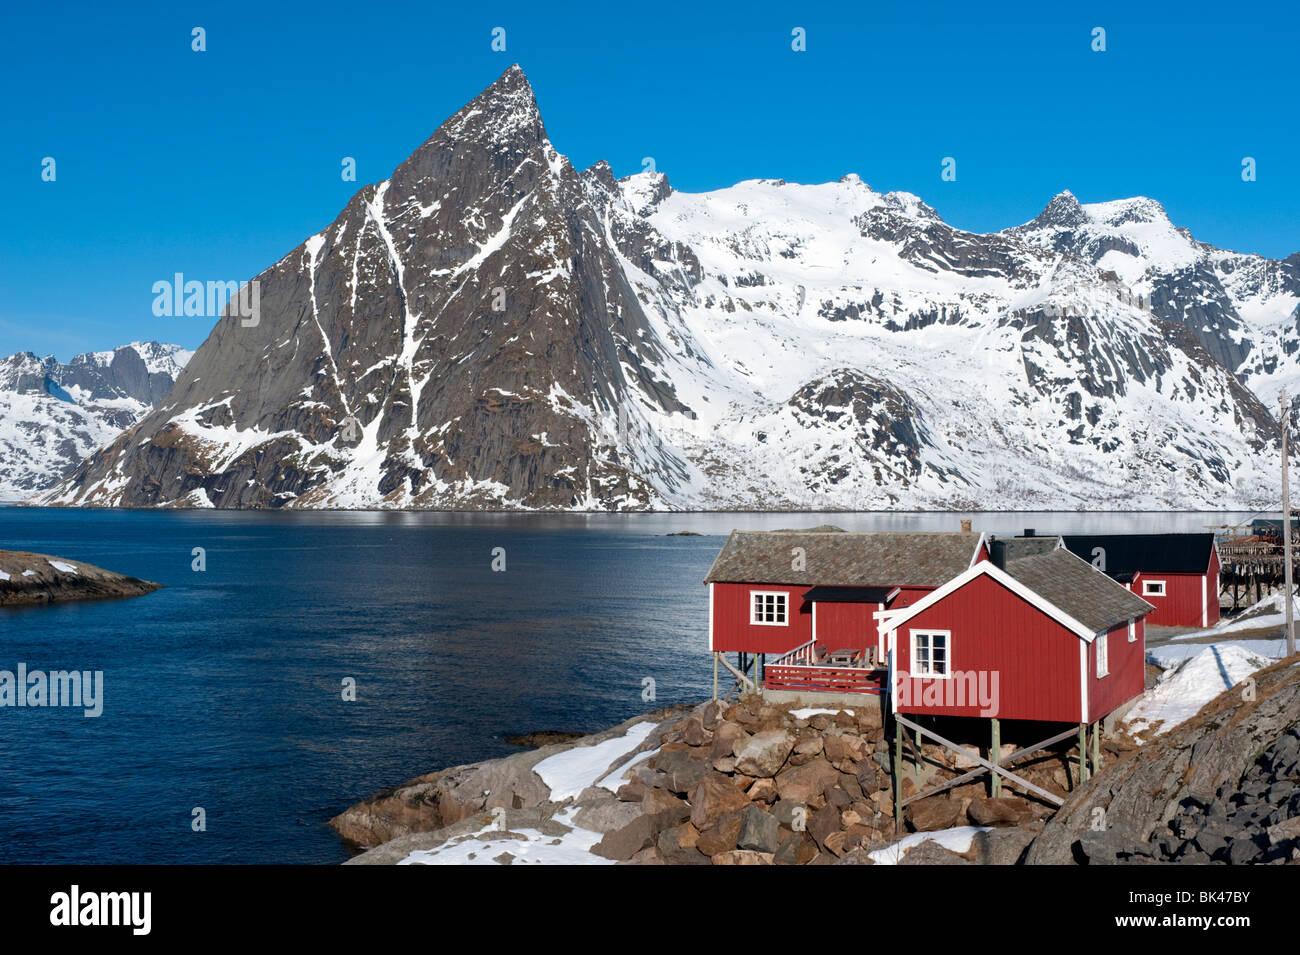 Traditionellen roten Holz Rorbu Fischerhütten im Dorf von Hamnoy auf Moskenesoya Insel auf Lofoten in Norwegen Stockbild